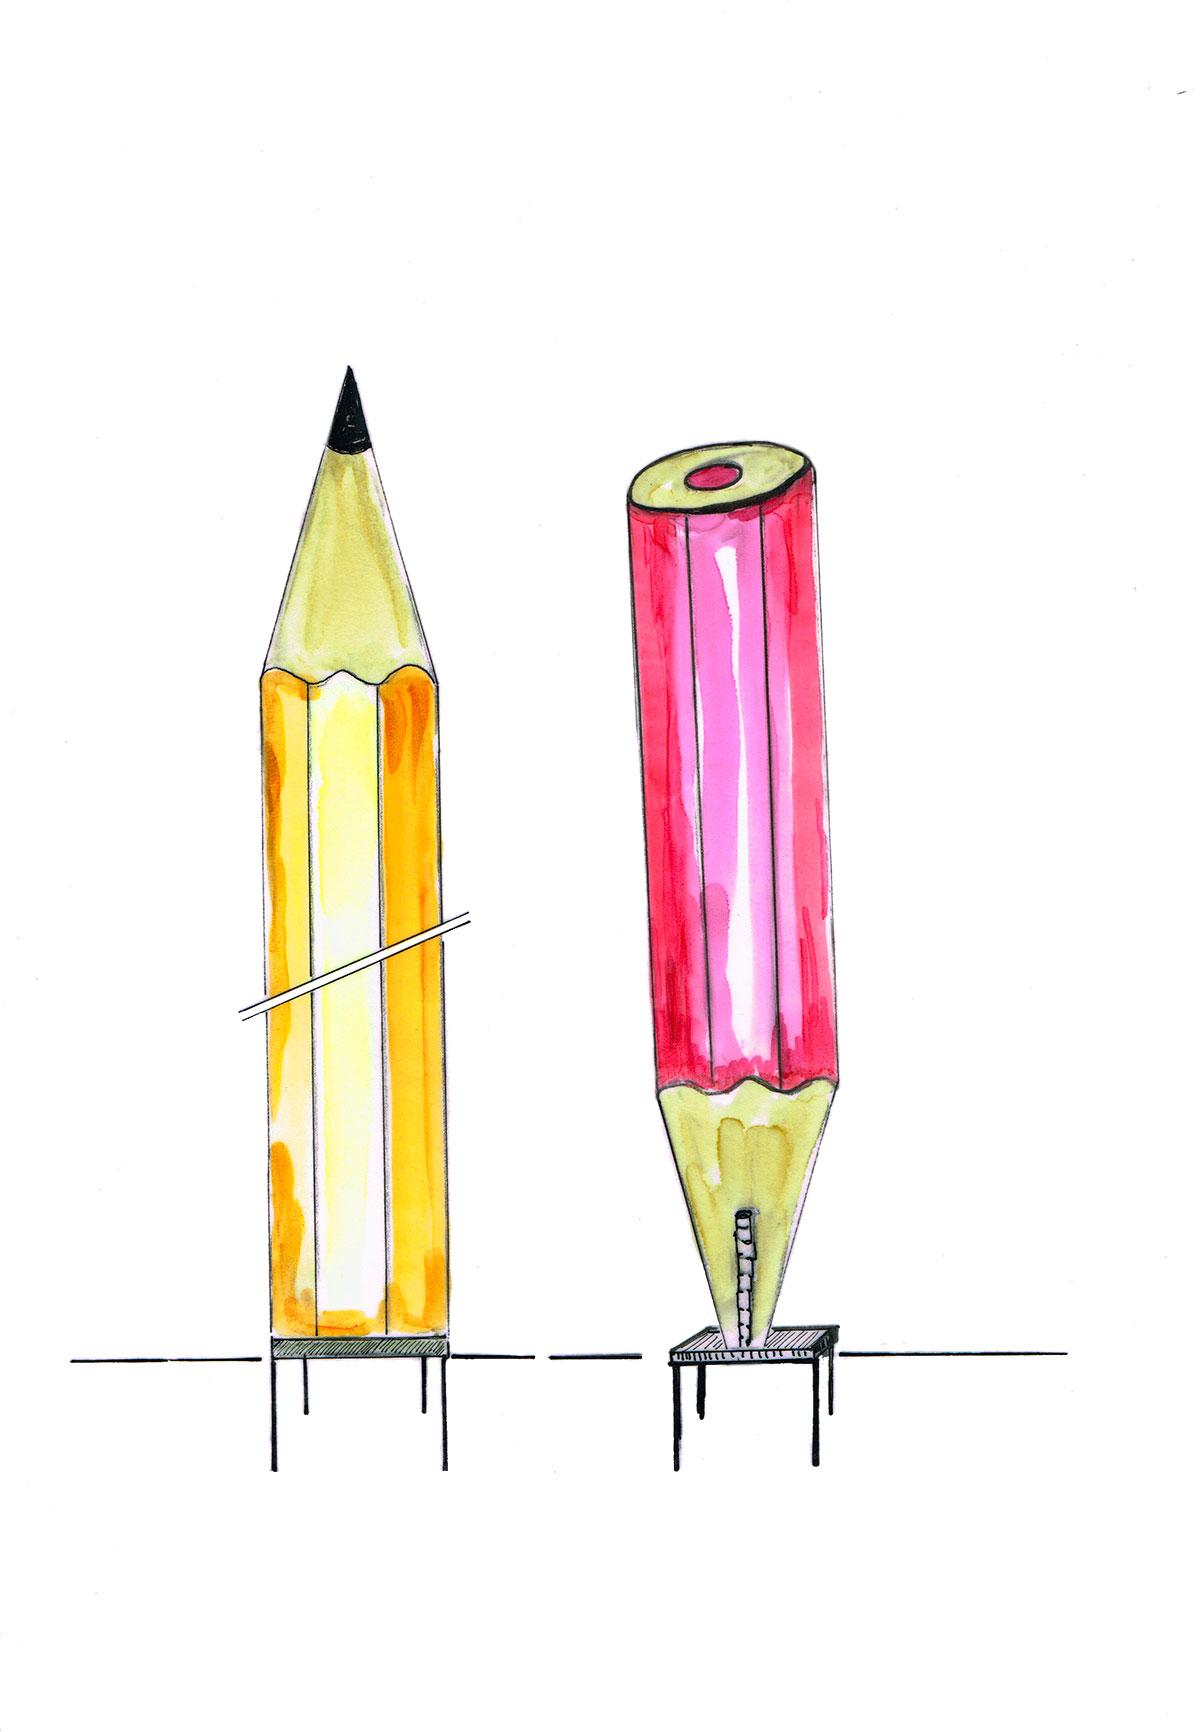 Dessin pour les crayons utilisés dans l'aménagement